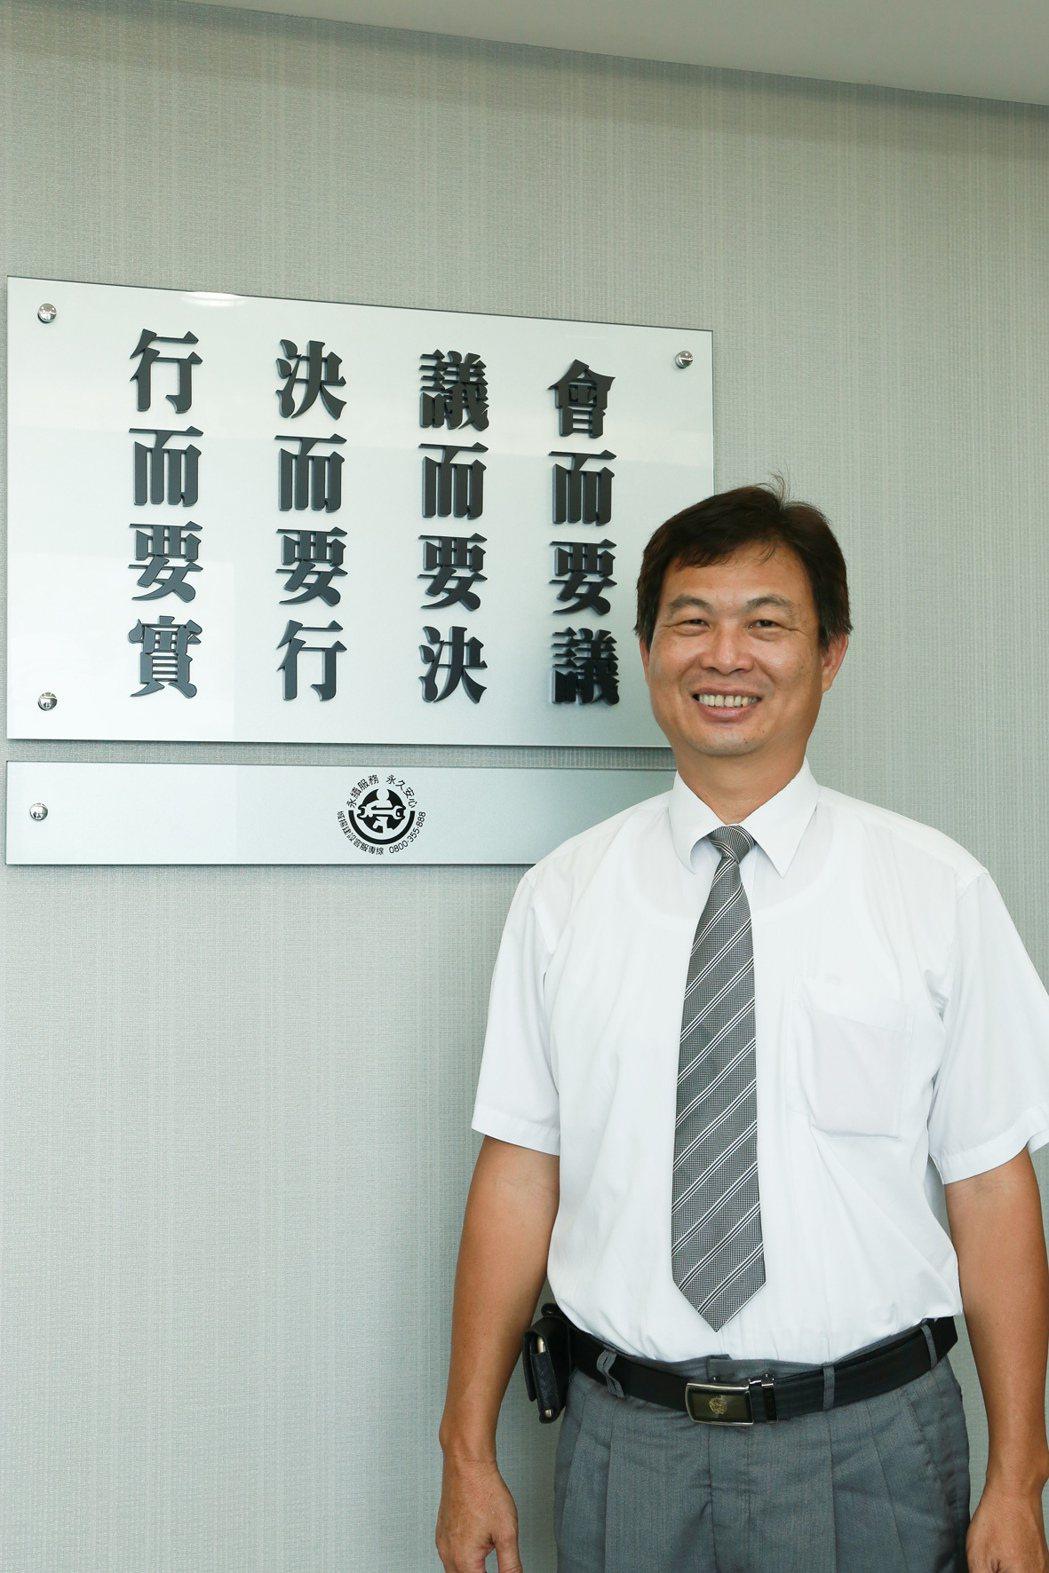 城揚售服部經理陳建宏是公認的Mr. Right。 攝影/張世雅